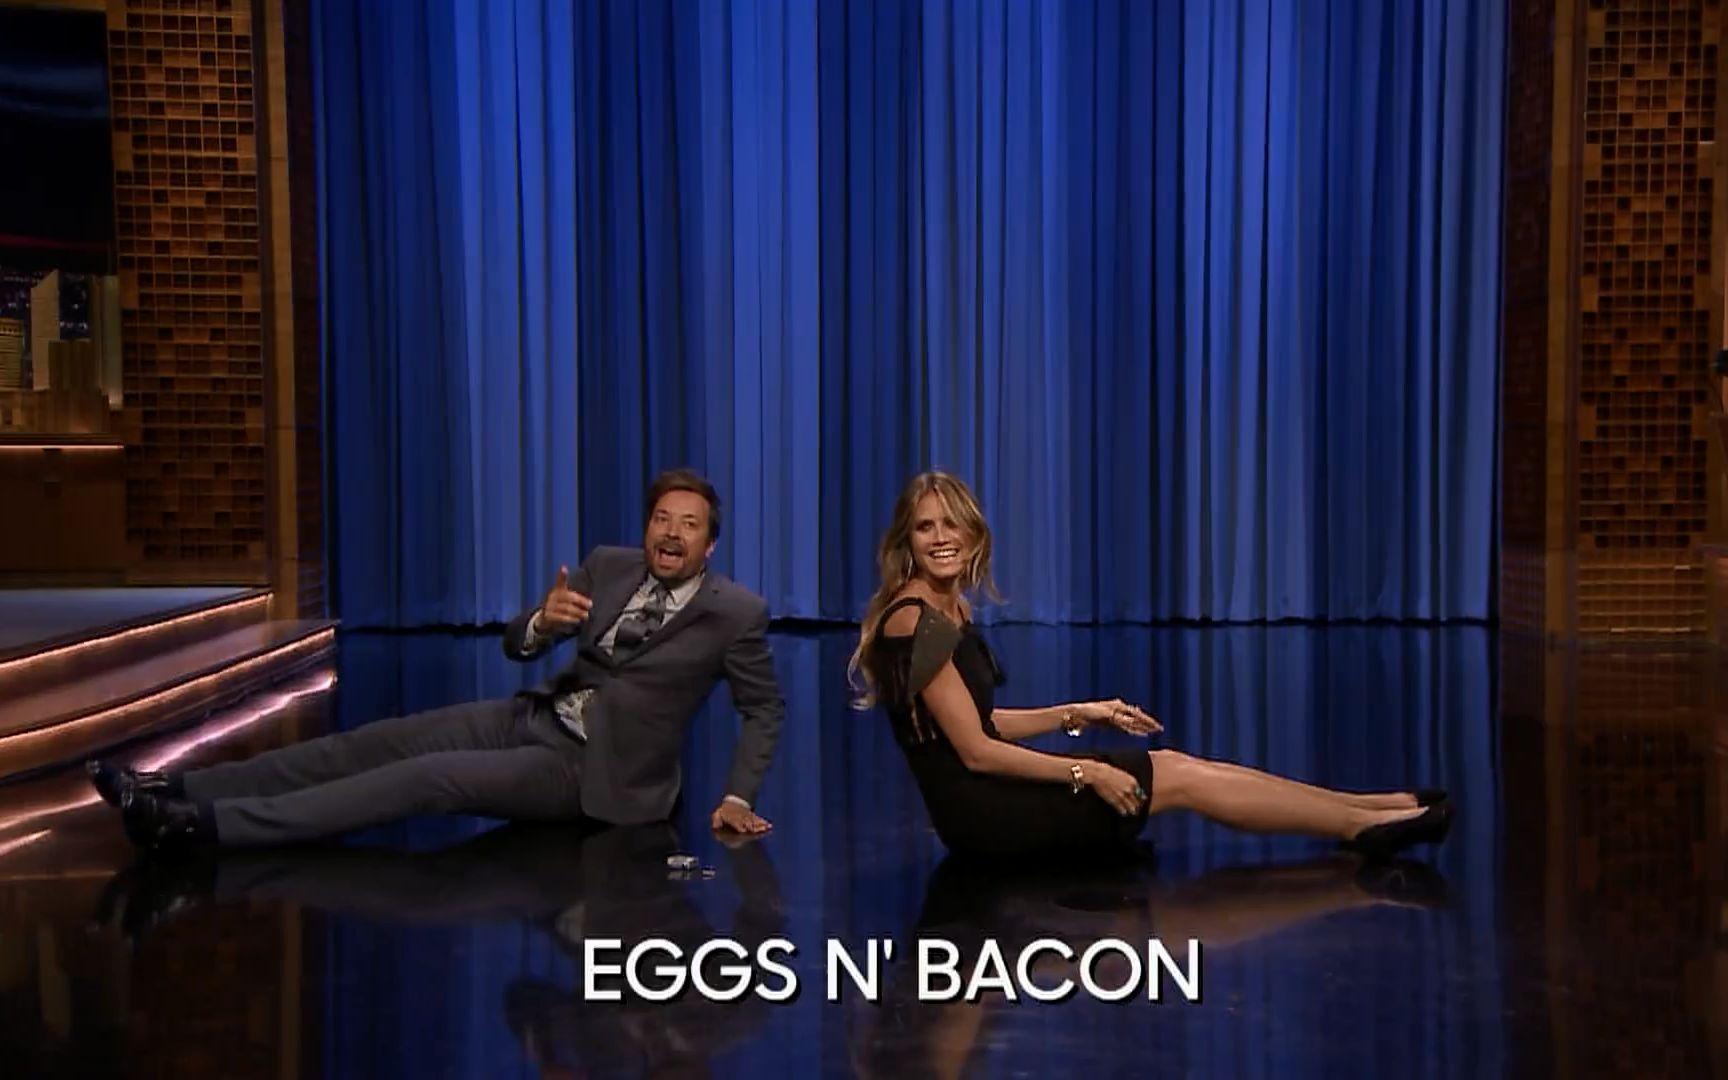 【维密天使综艺】肥伦与海妈的尬舞大战!Dance Battle with Heidi Klum!【1080P】